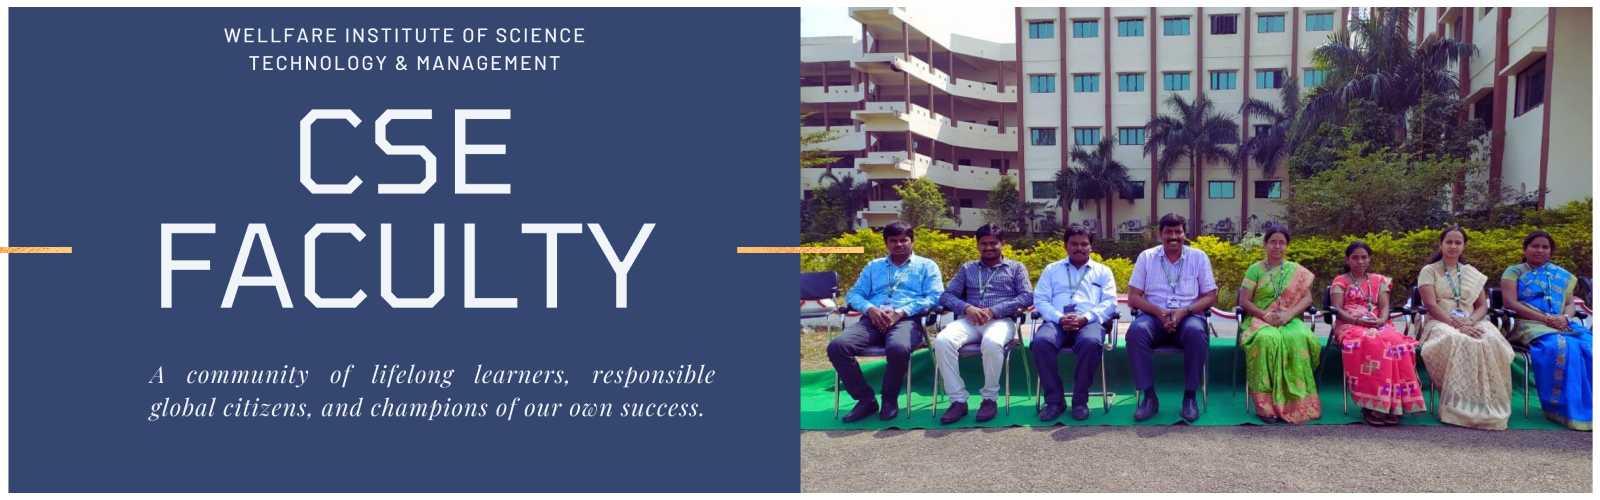 cse faculty